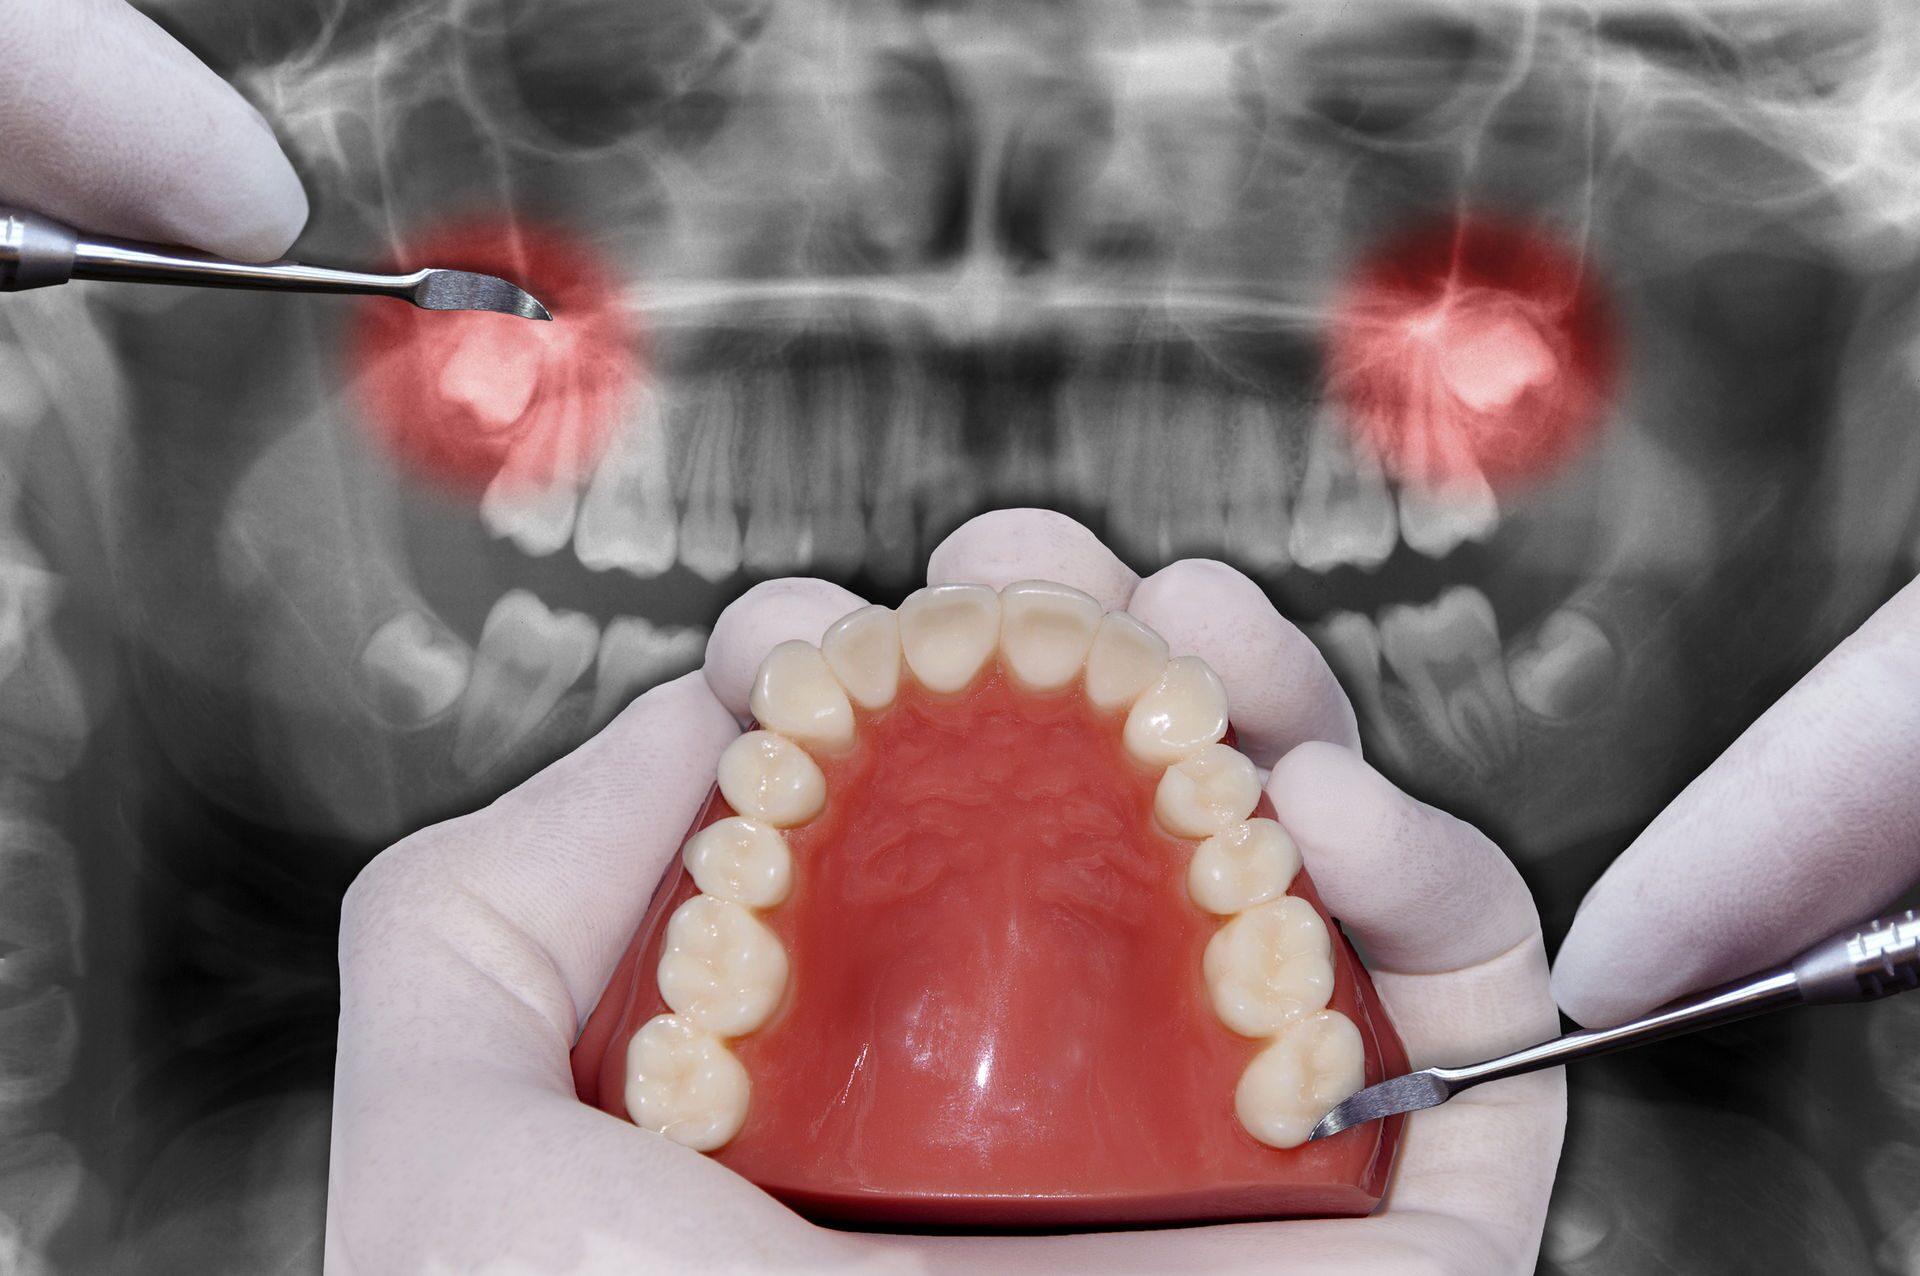 Зуб дает осложнение на